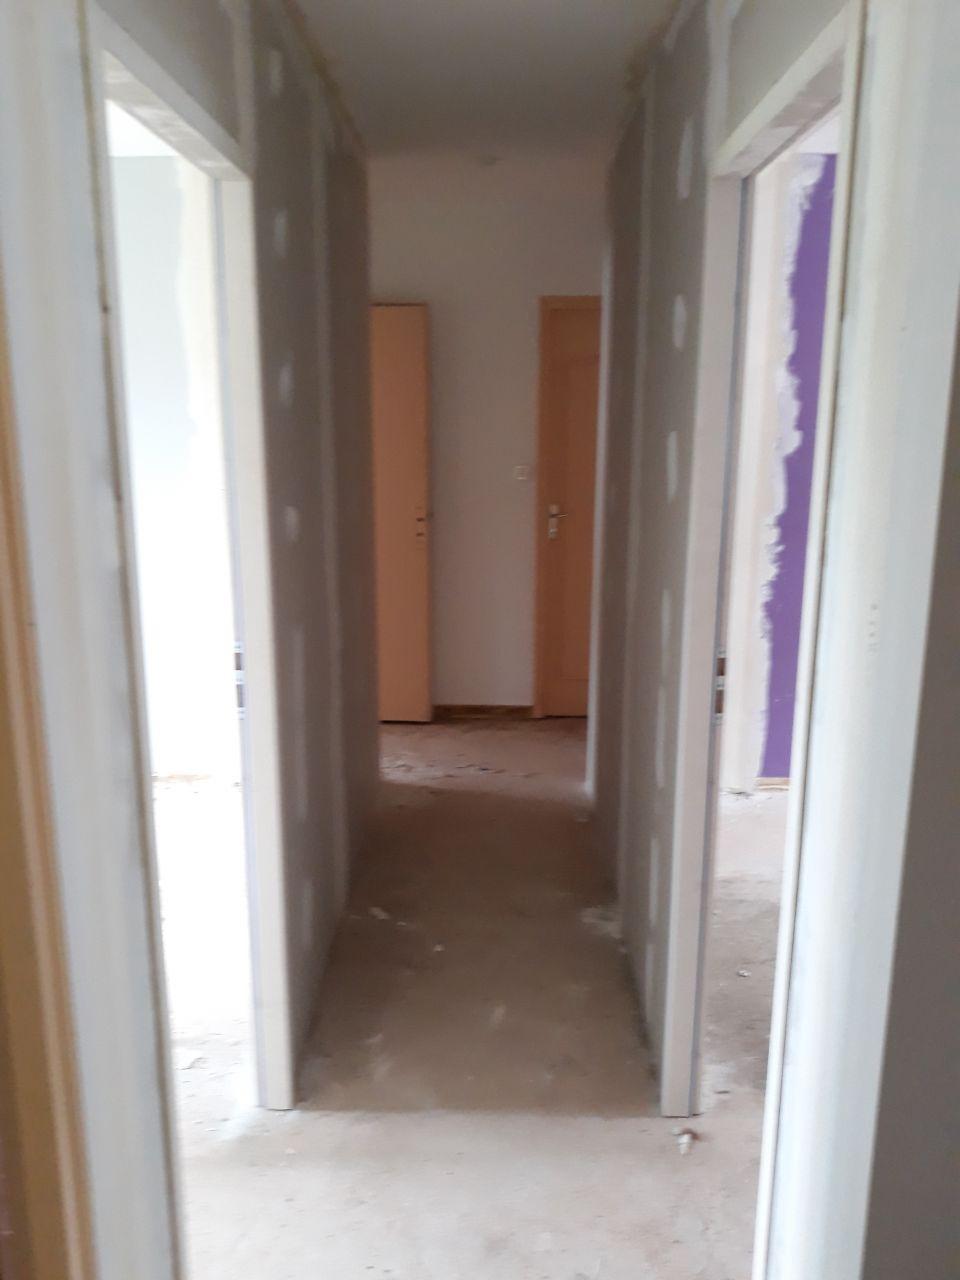 """Couloir après déplacement des cloisons des chambres des deux garçons : on perd 2 placards dans le couloir pour agrandir les chambres et de l'espace dans le fond où il y avait un """"palier"""" qui ne servait à rien"""